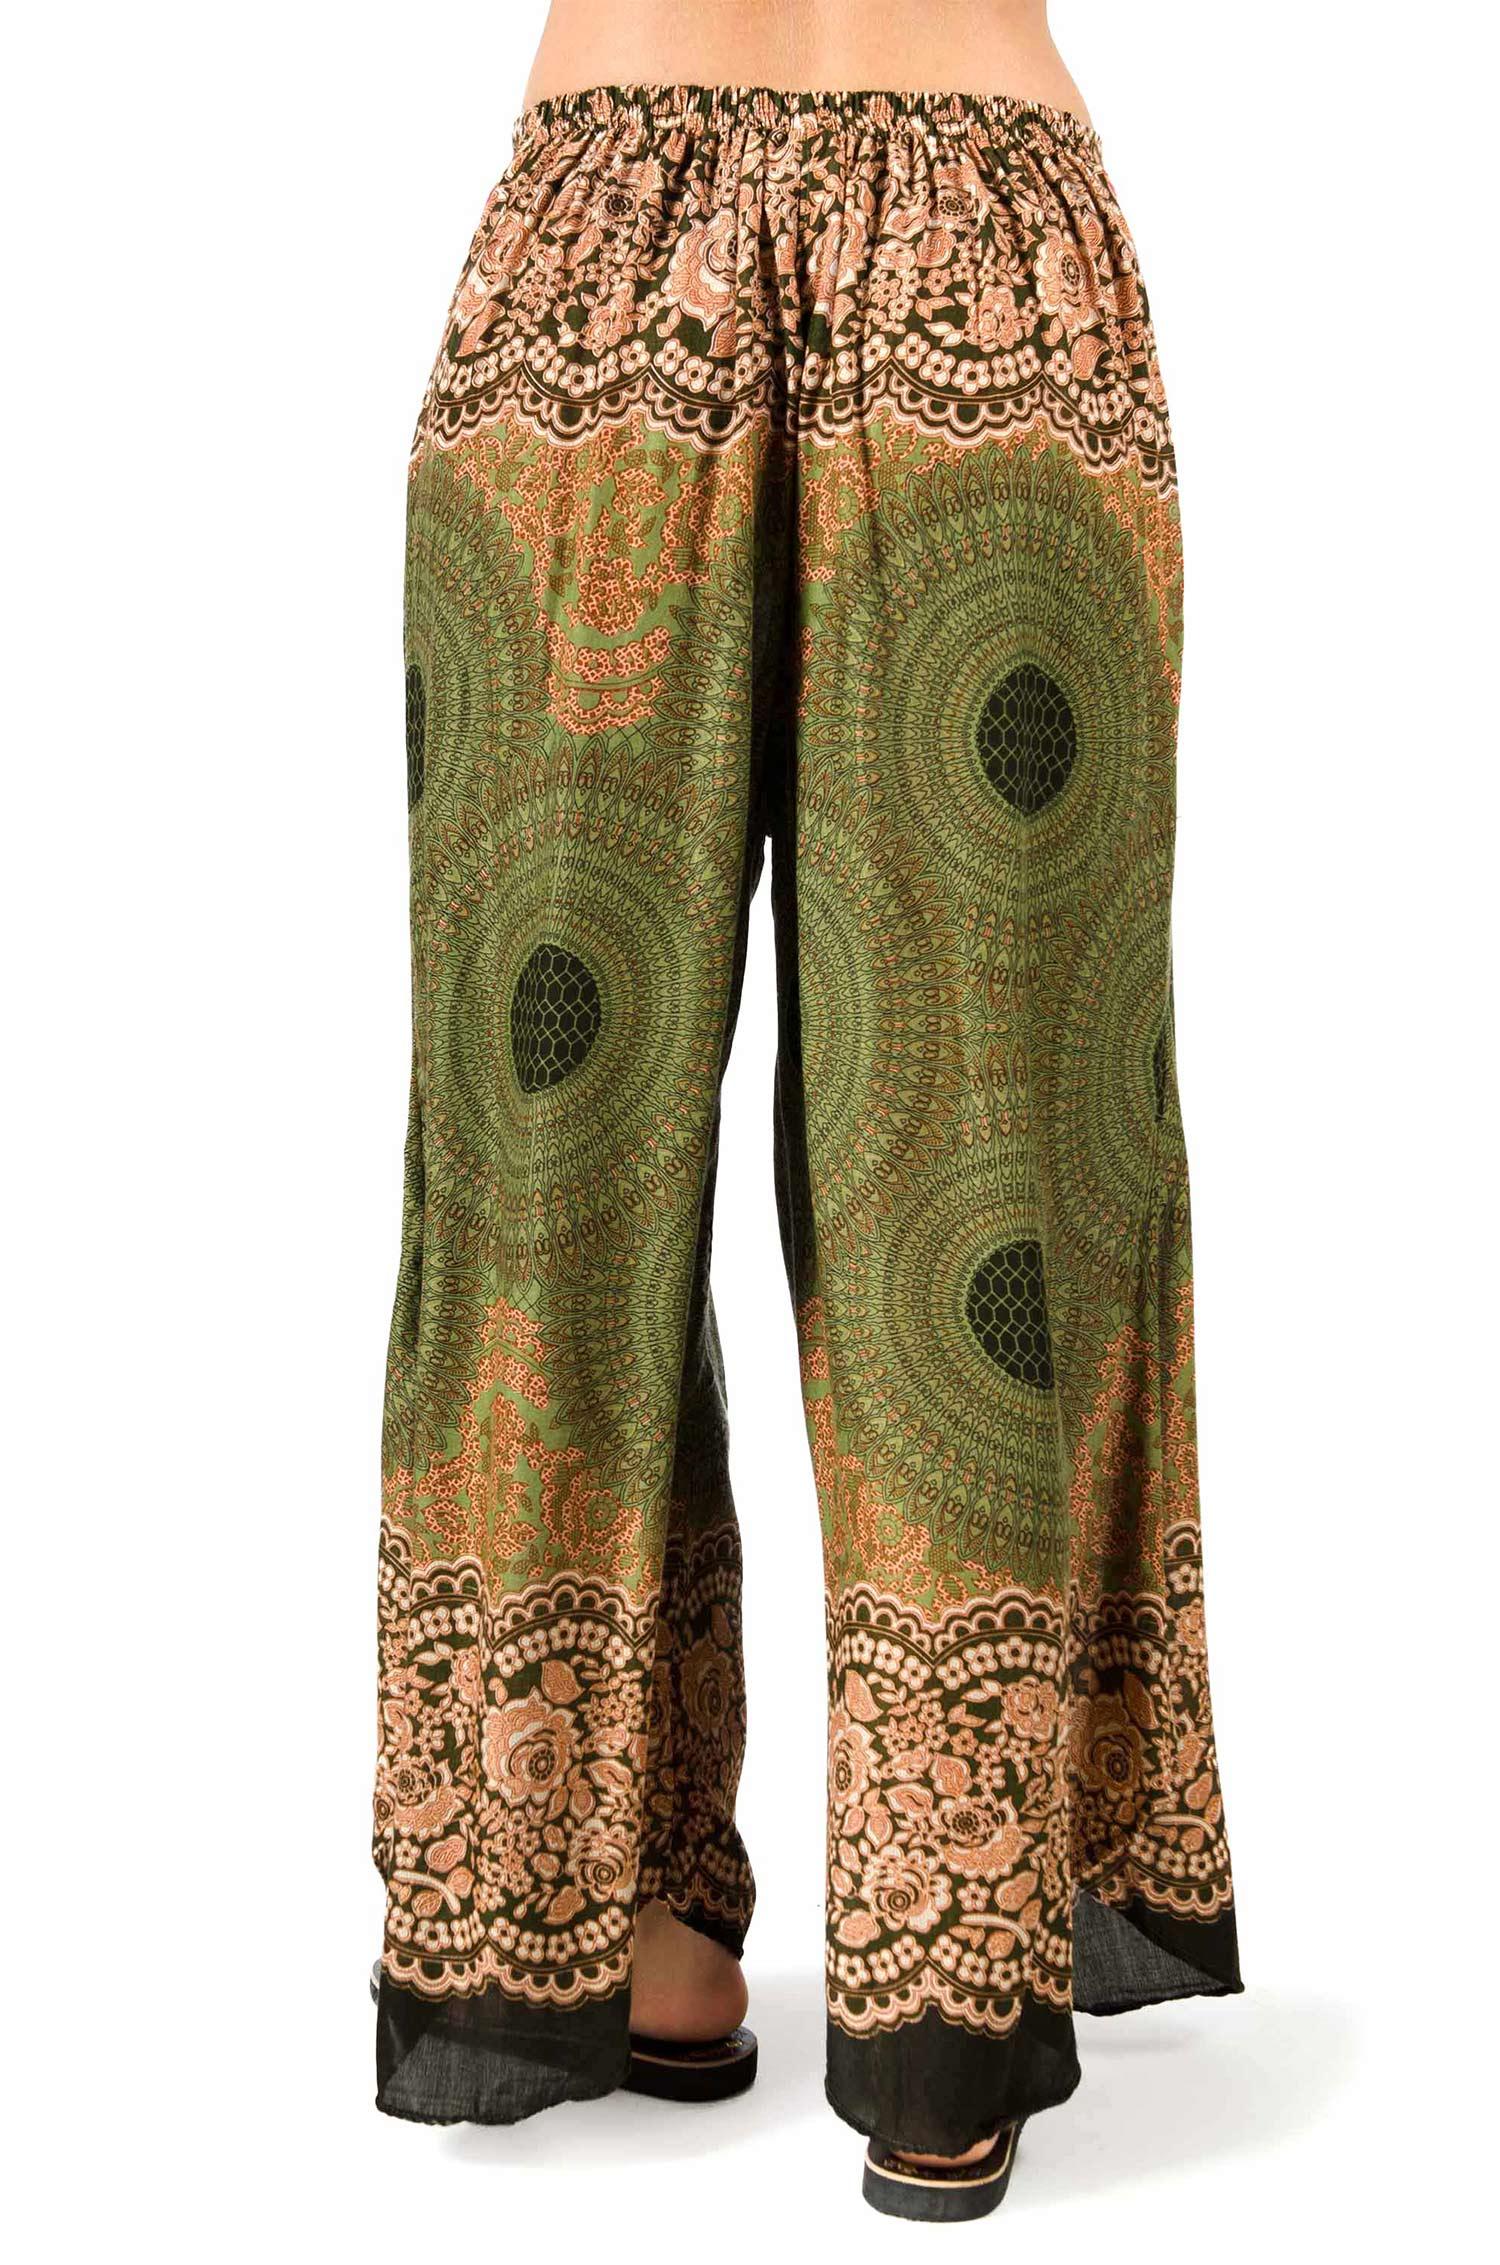 Honeycomb Print Wide Leg Print Pants - Olive - 3669G